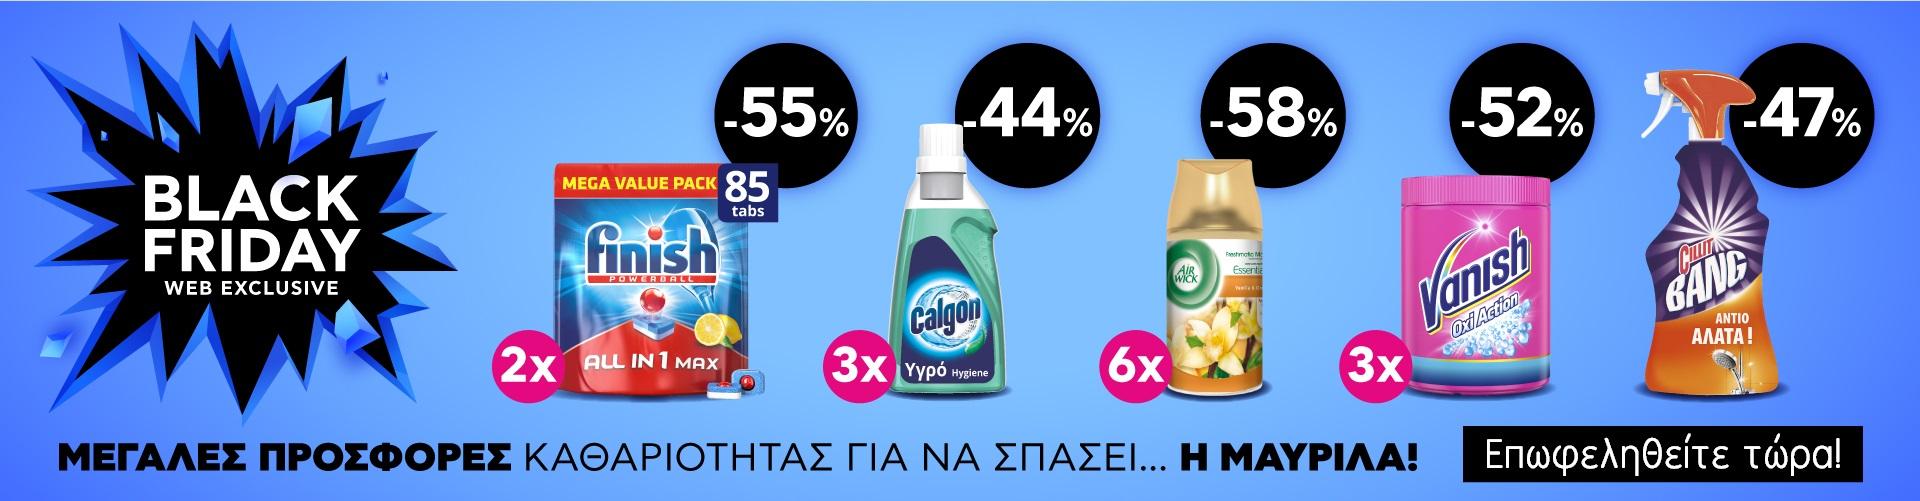 Black Friday: Μεγάλες προσφορές καθαριότητας για να σπάσει η μαυρίλα...